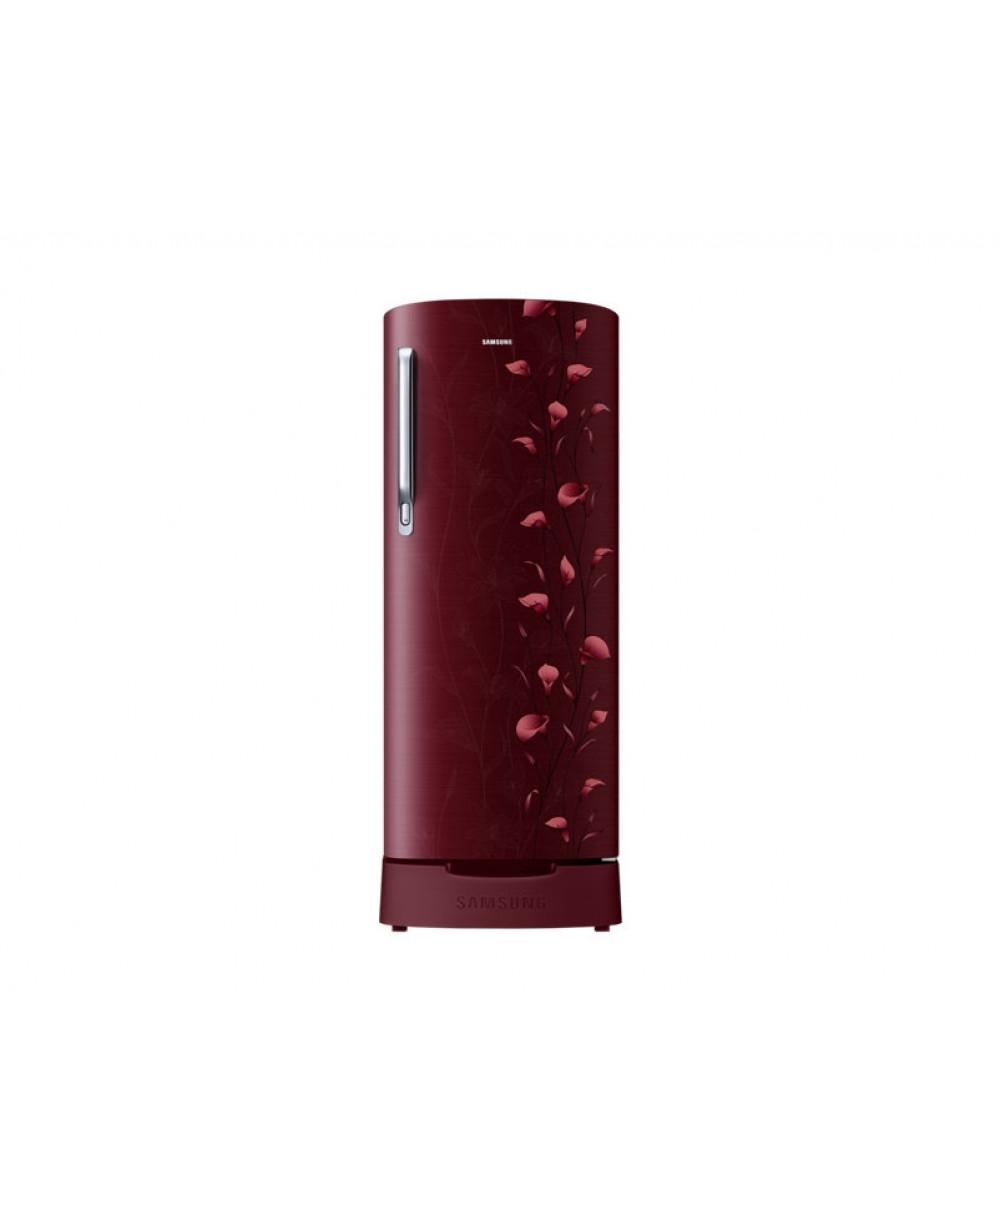 Samsung Single Door Refrigerator-192 Ltr (RR19N282RZ)